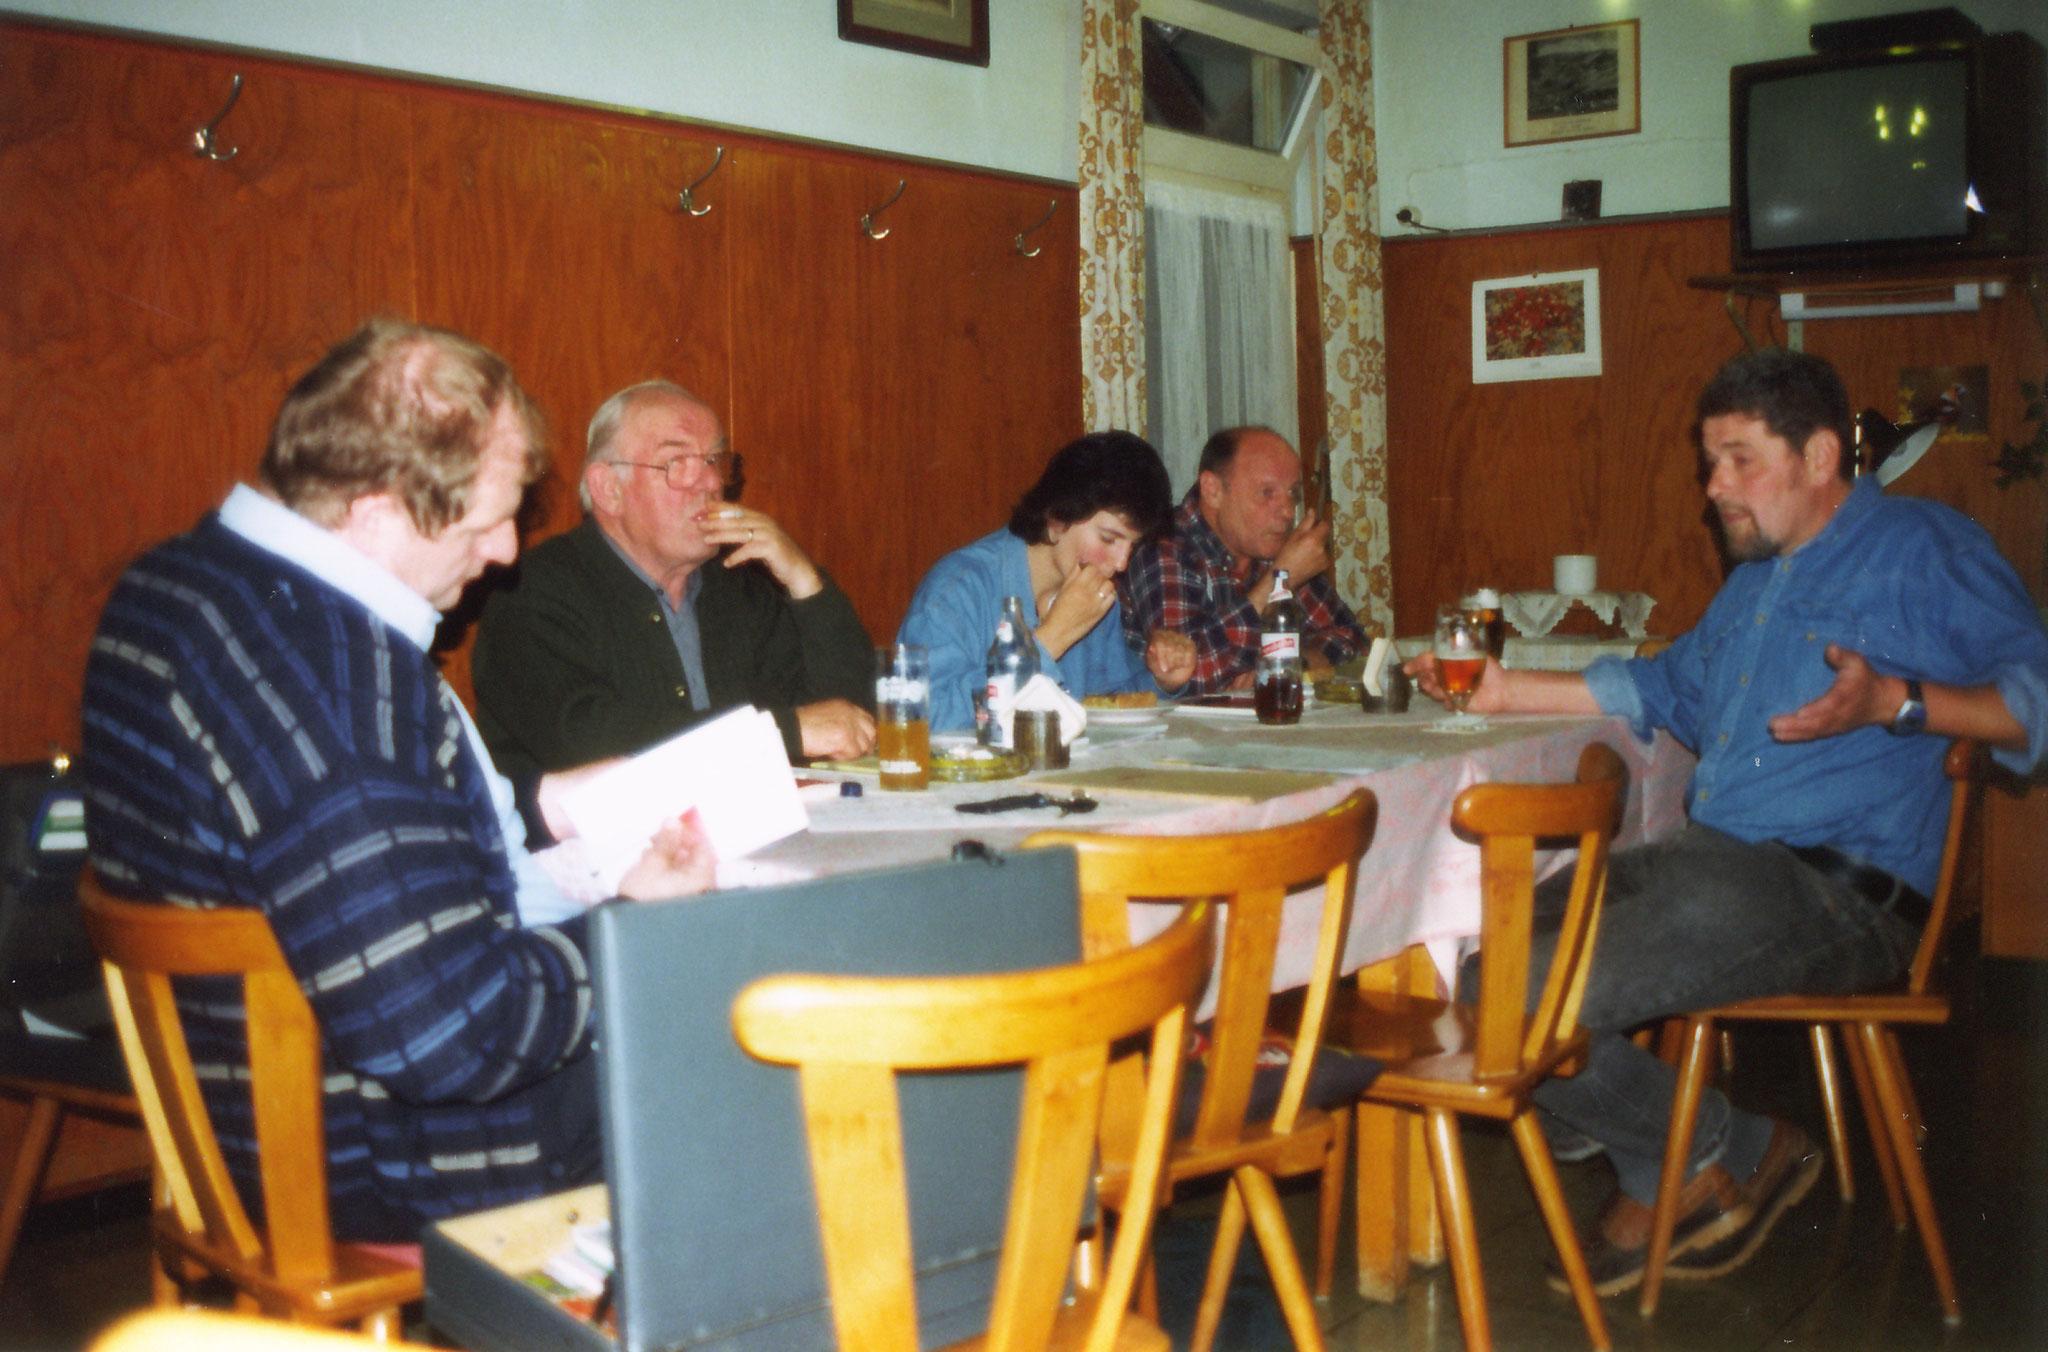 Vorstandsitzung im Gasthaus Sternen Kappel in den 1990 jahren